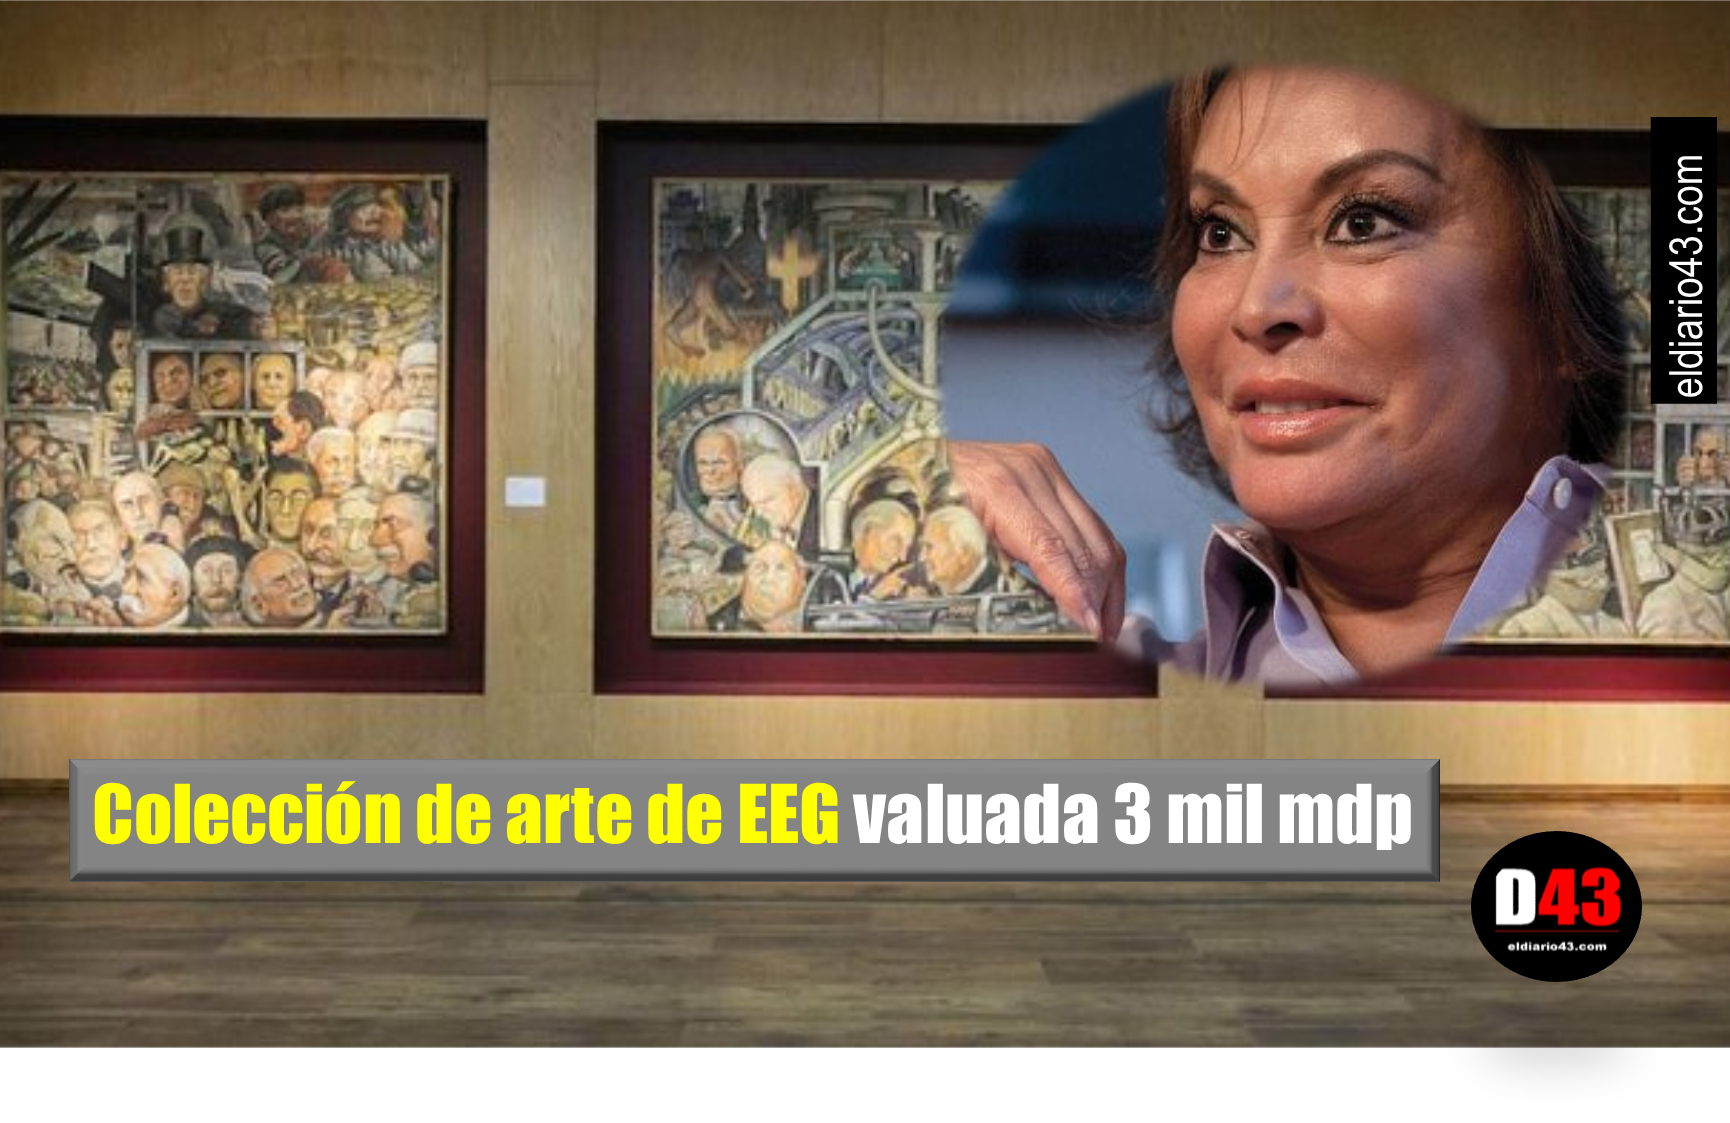 Colección de arte de Elba Esther Gordillo está valuada 3 mil mdp; se exhibe en la CDMX